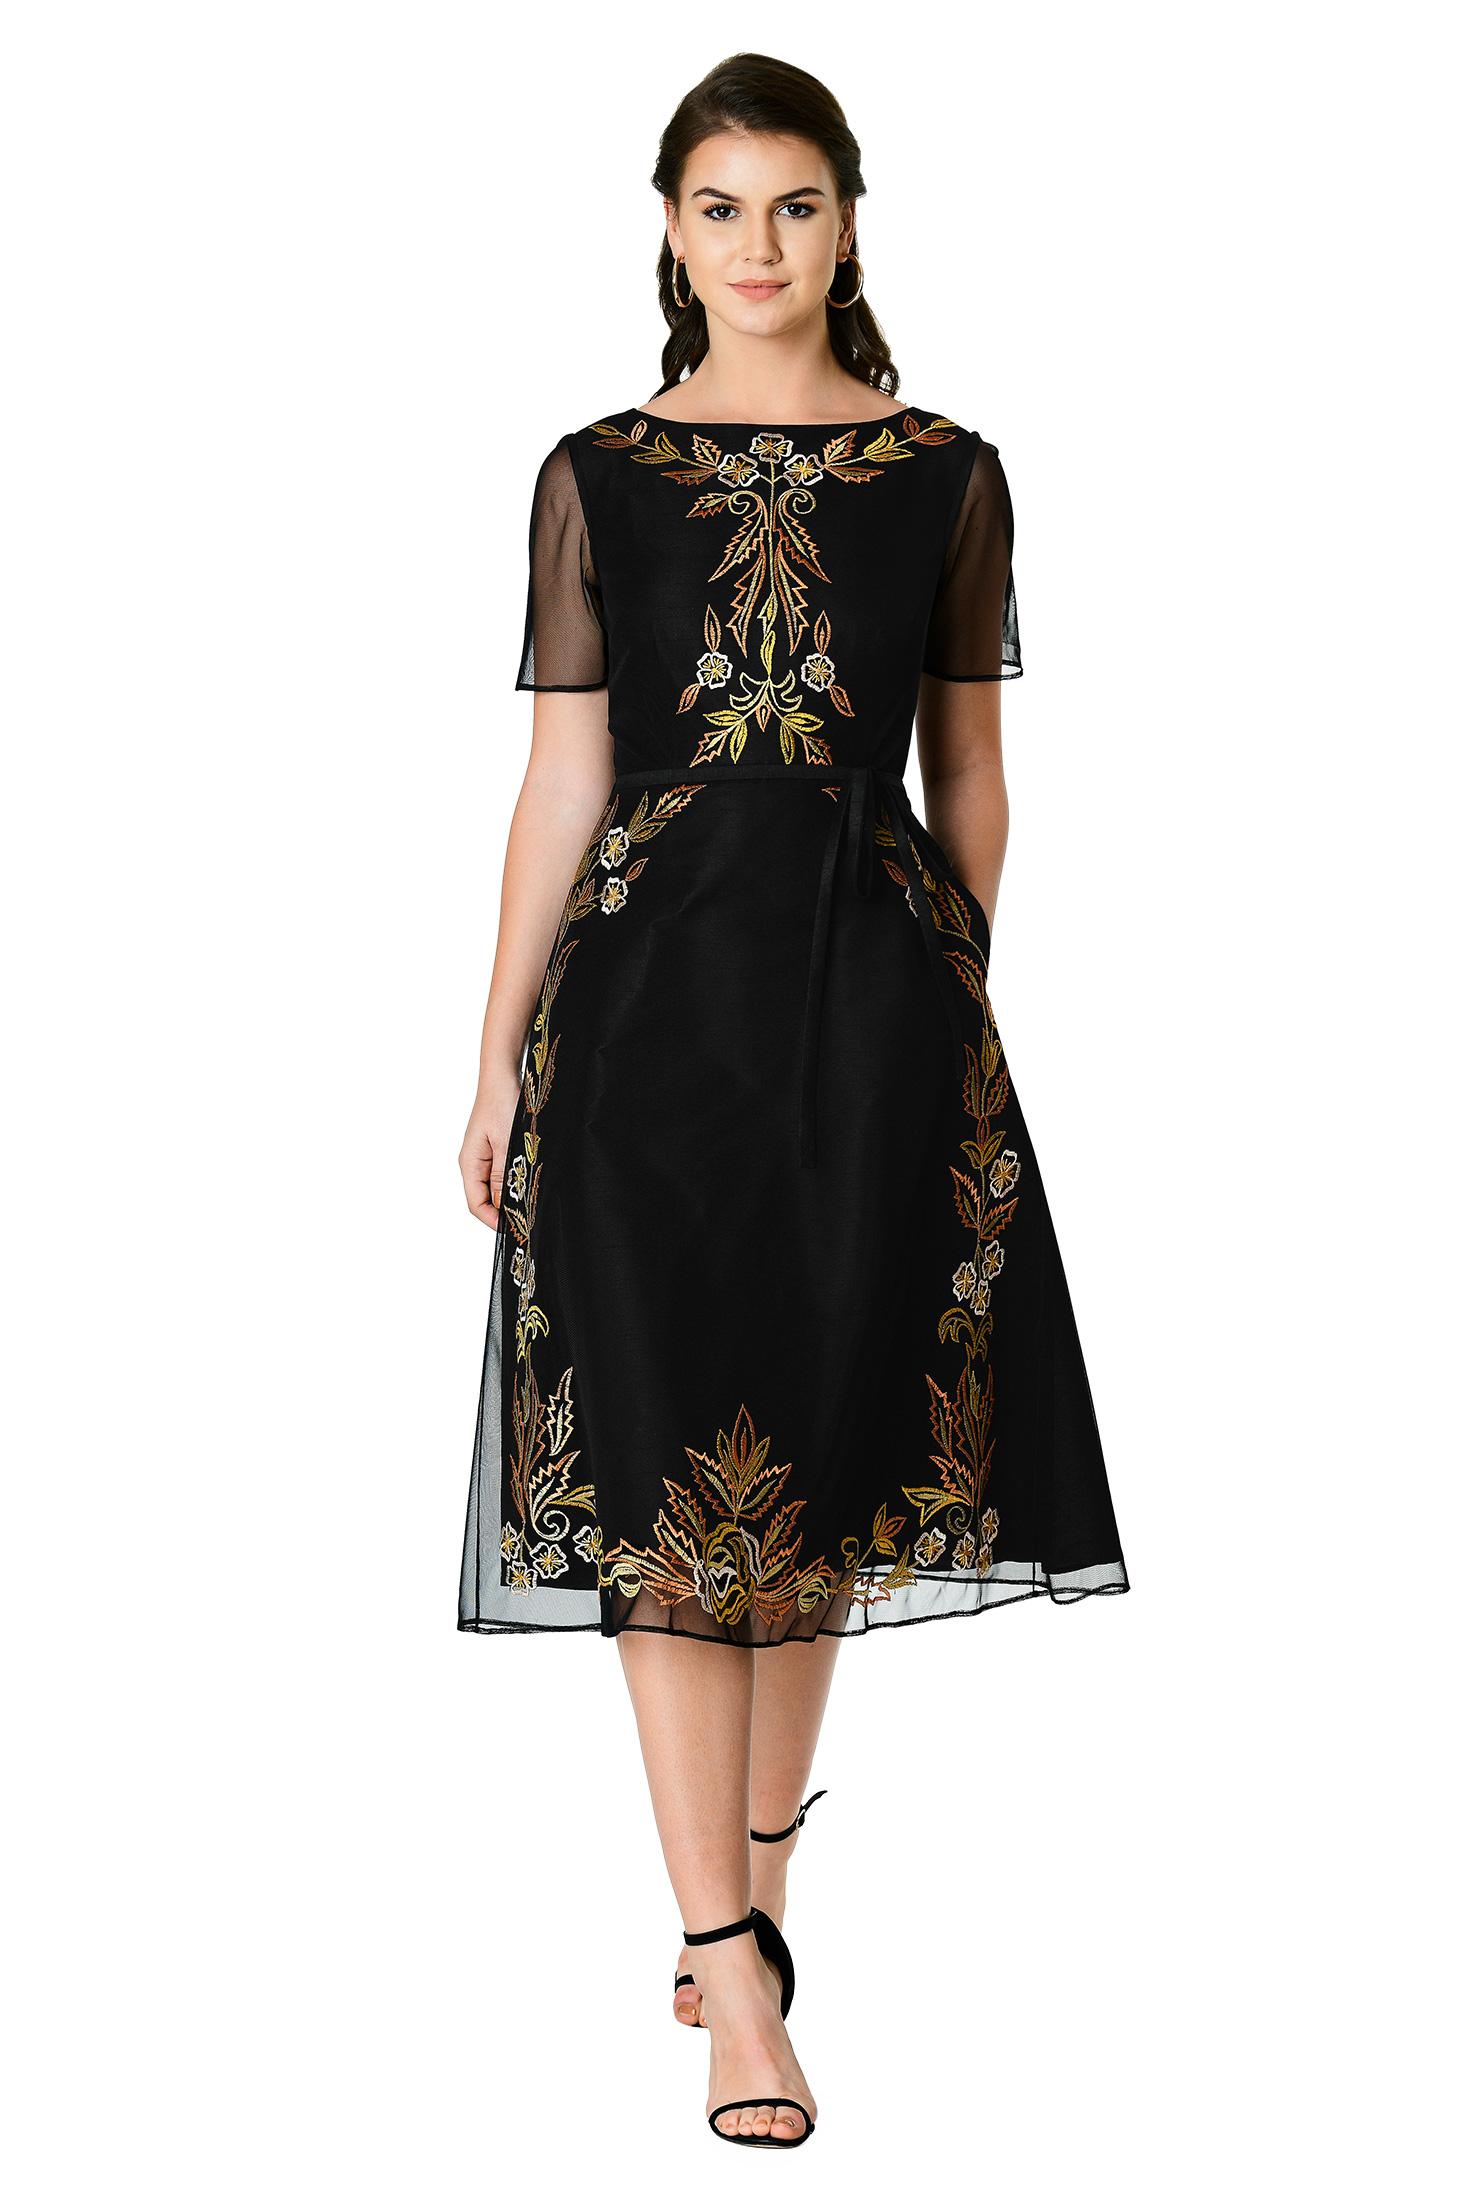 ff29da5da8 back zip dresses, beautiful dresses, belt dresses, boat neck dresses,  Elegant